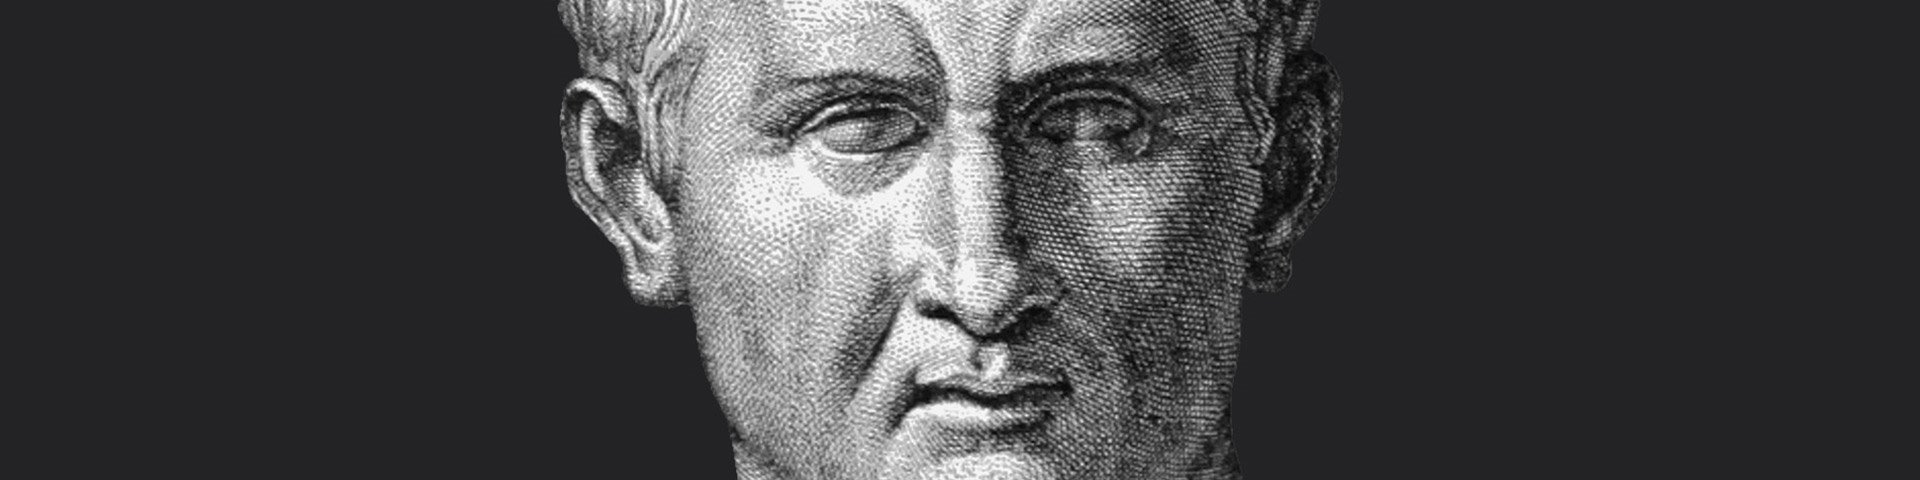 Cicerón: triunfo y frustración de un advenedizo